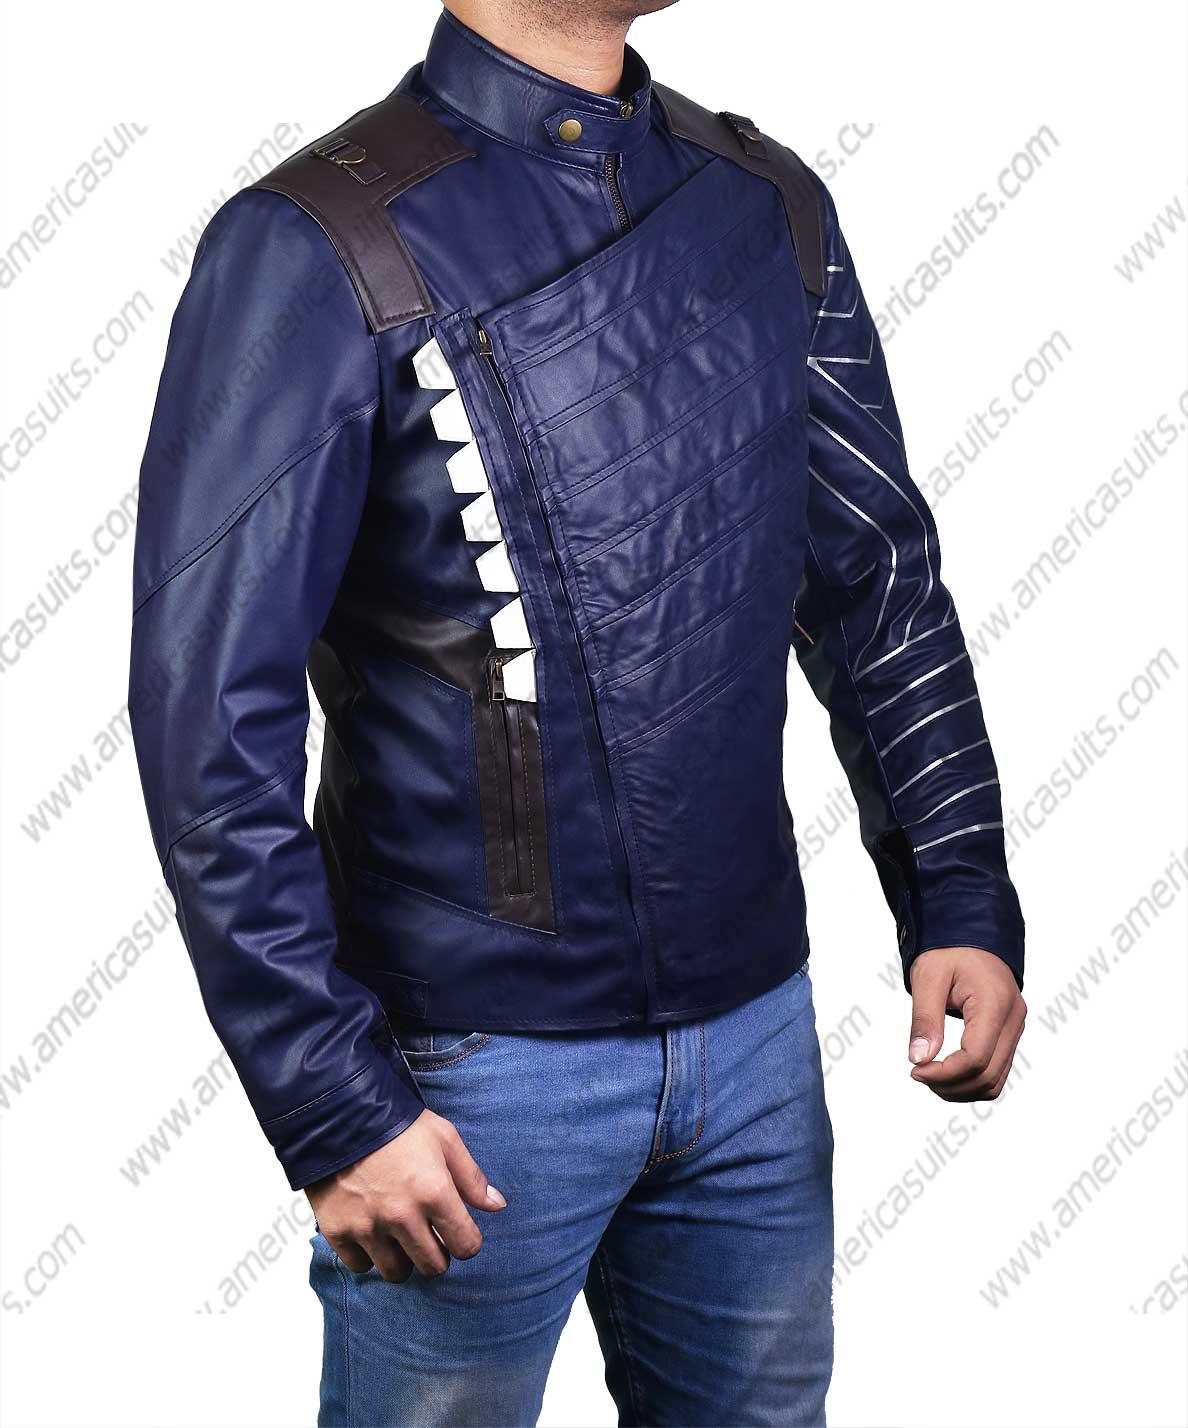 Winter Soldier Bucky Barnes Jacket